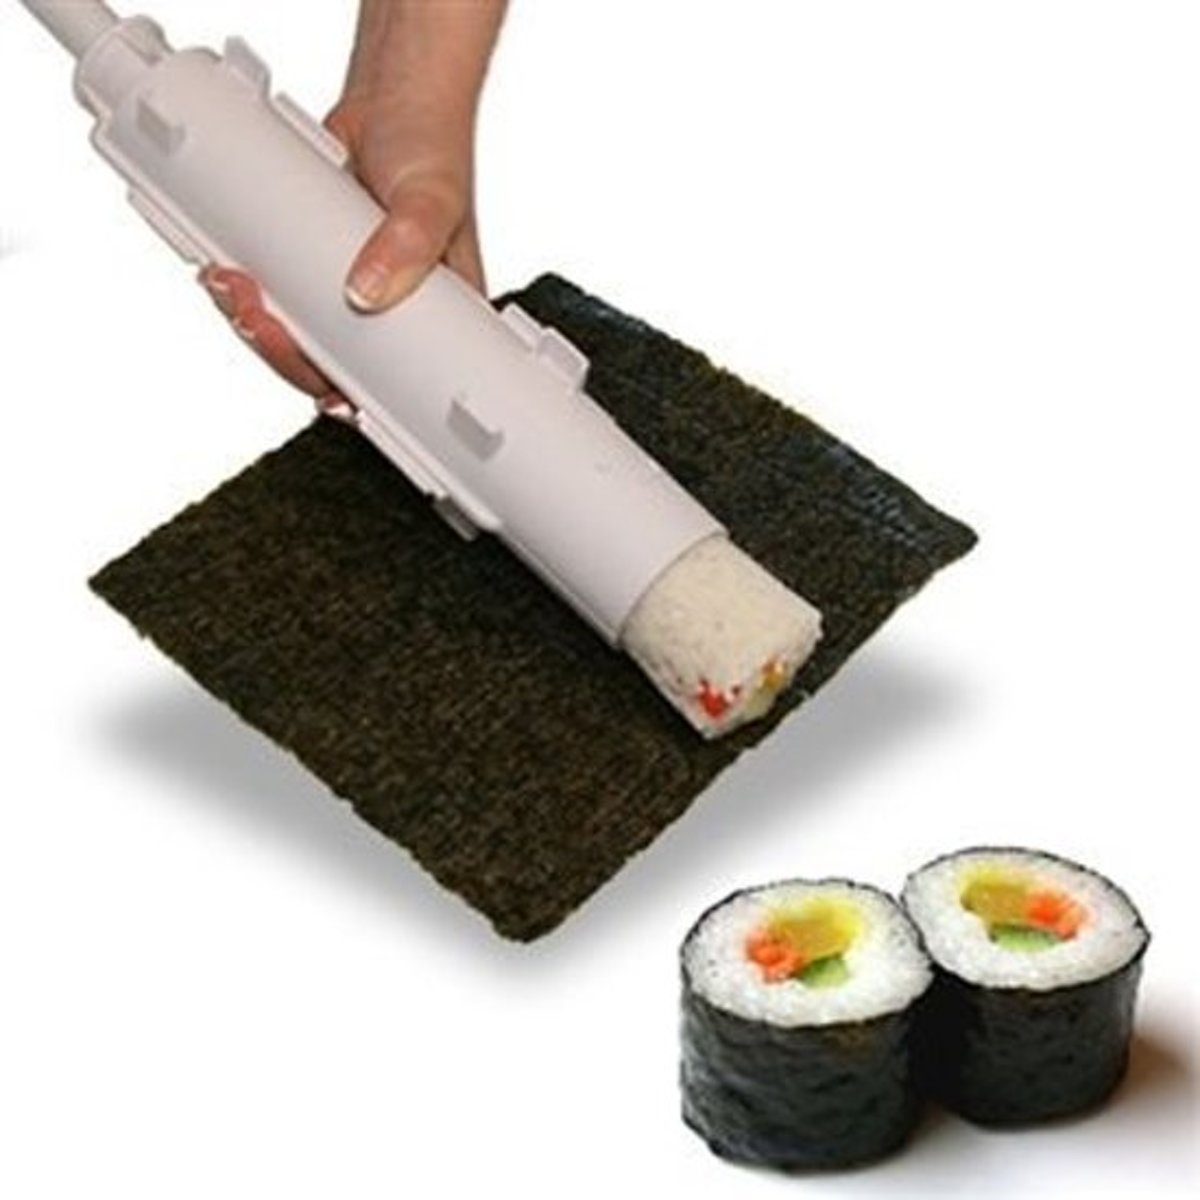 Sushi Maker - Sushi Bazooka - Zelf Sushi Maken - Sushi Roller - Wit kopen